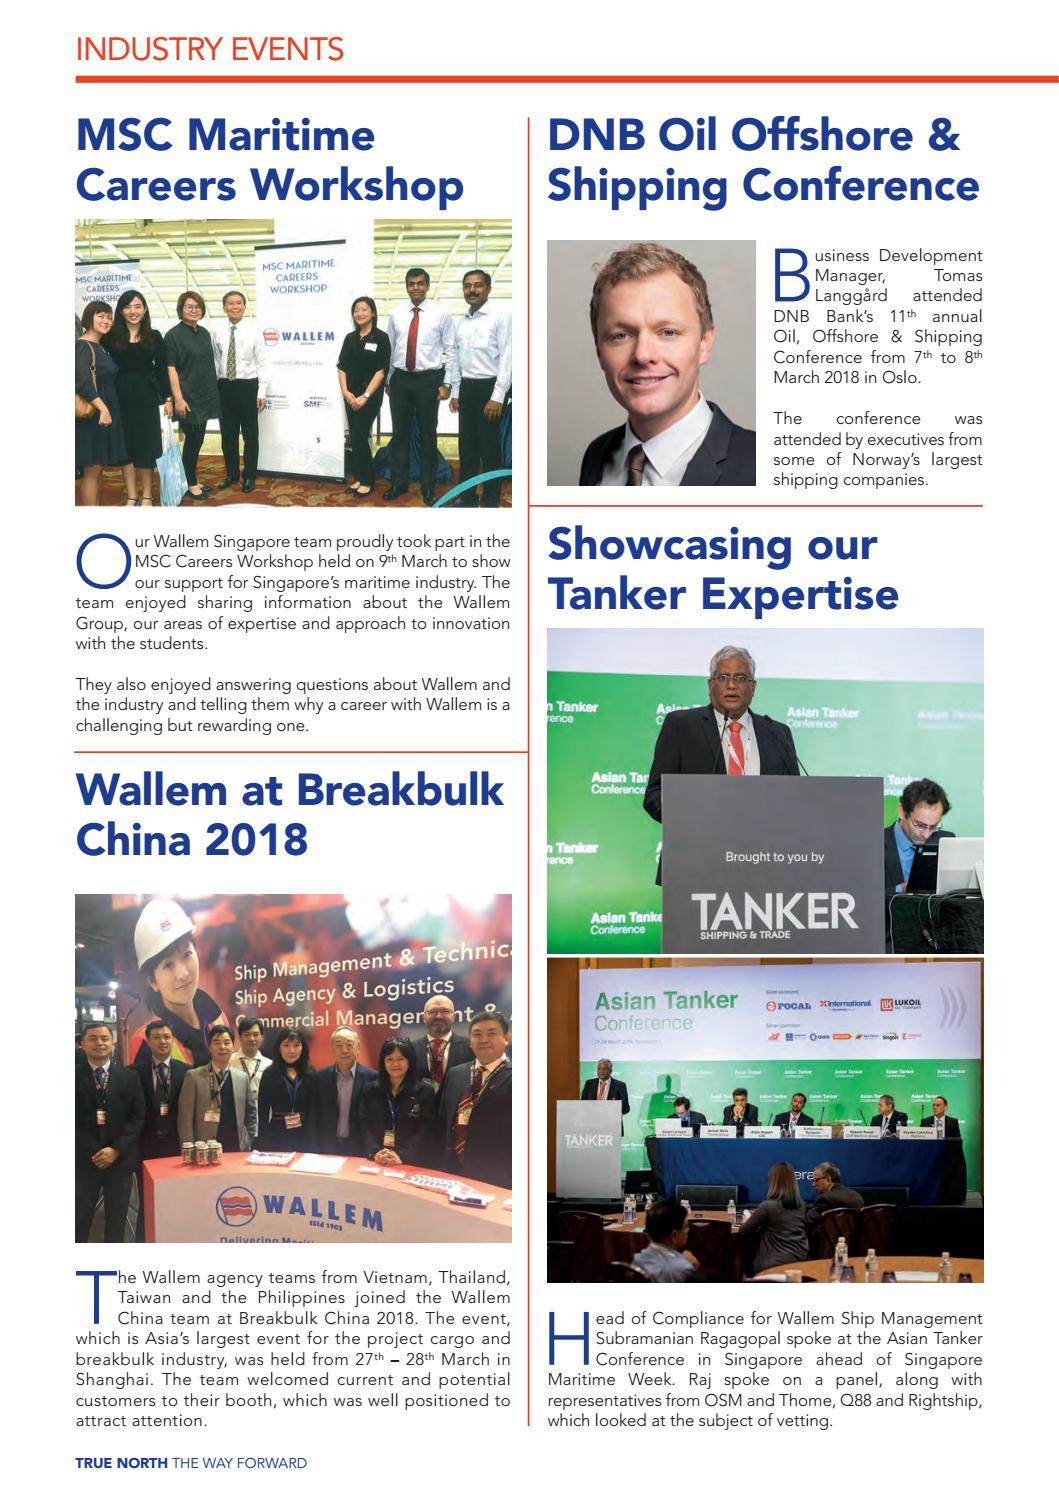 True North 2018 Issue 2 by Wallem True North Magazine - issuu